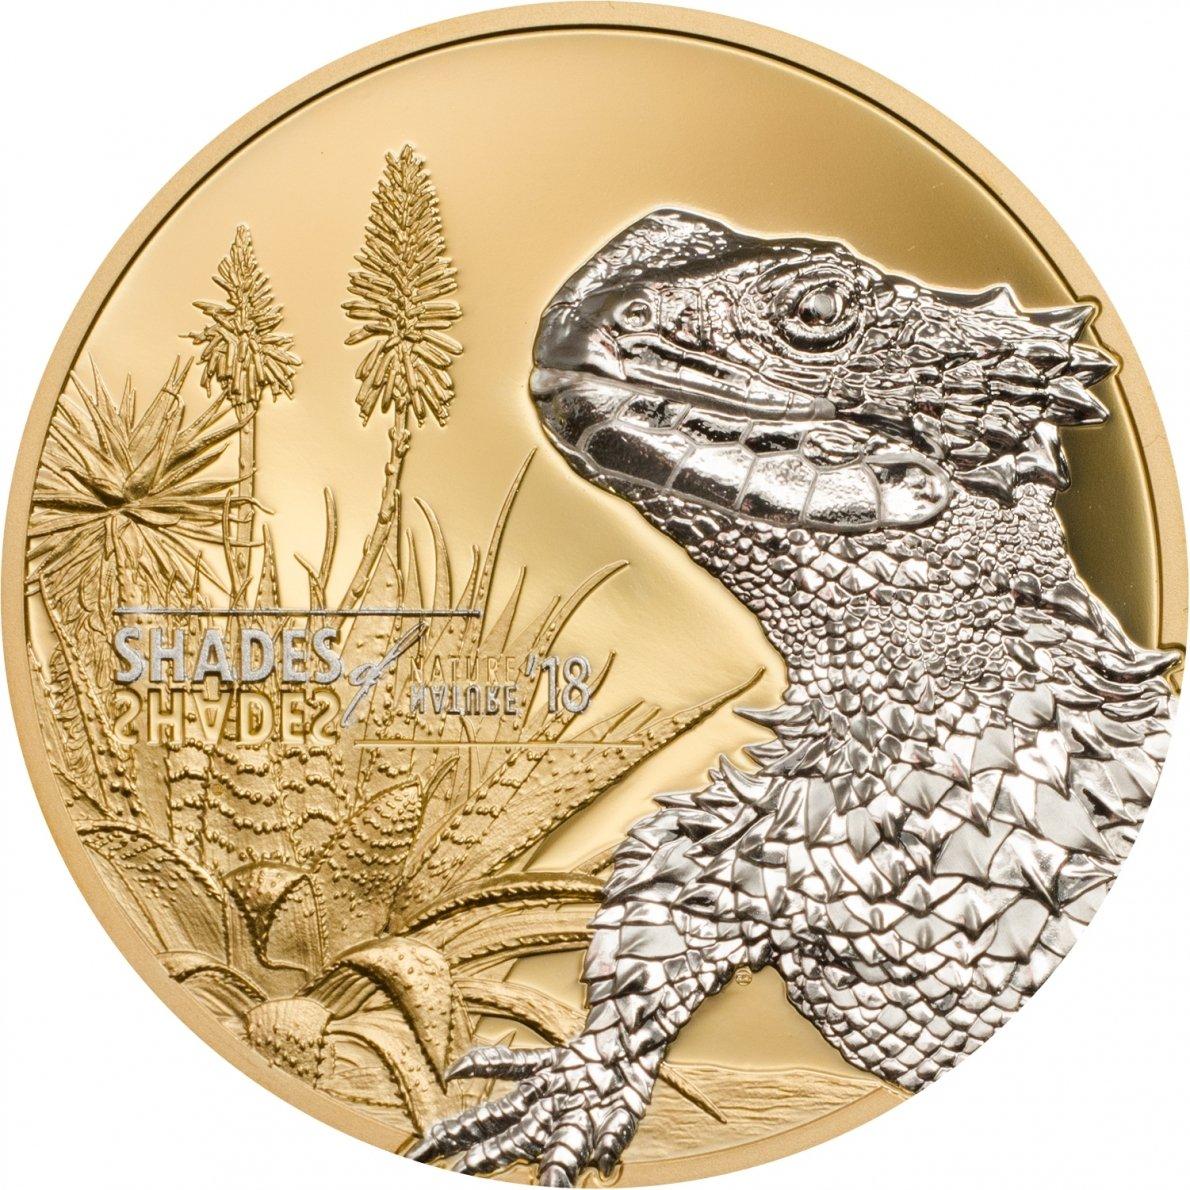 para proporcionarle una compra en línea agradable Reducción de precio Shades of Nature - Zonuro Zonuro Zonuro Gigante 5 Moneda Plata - Islas Cook 2018  alta calidad y envío rápido